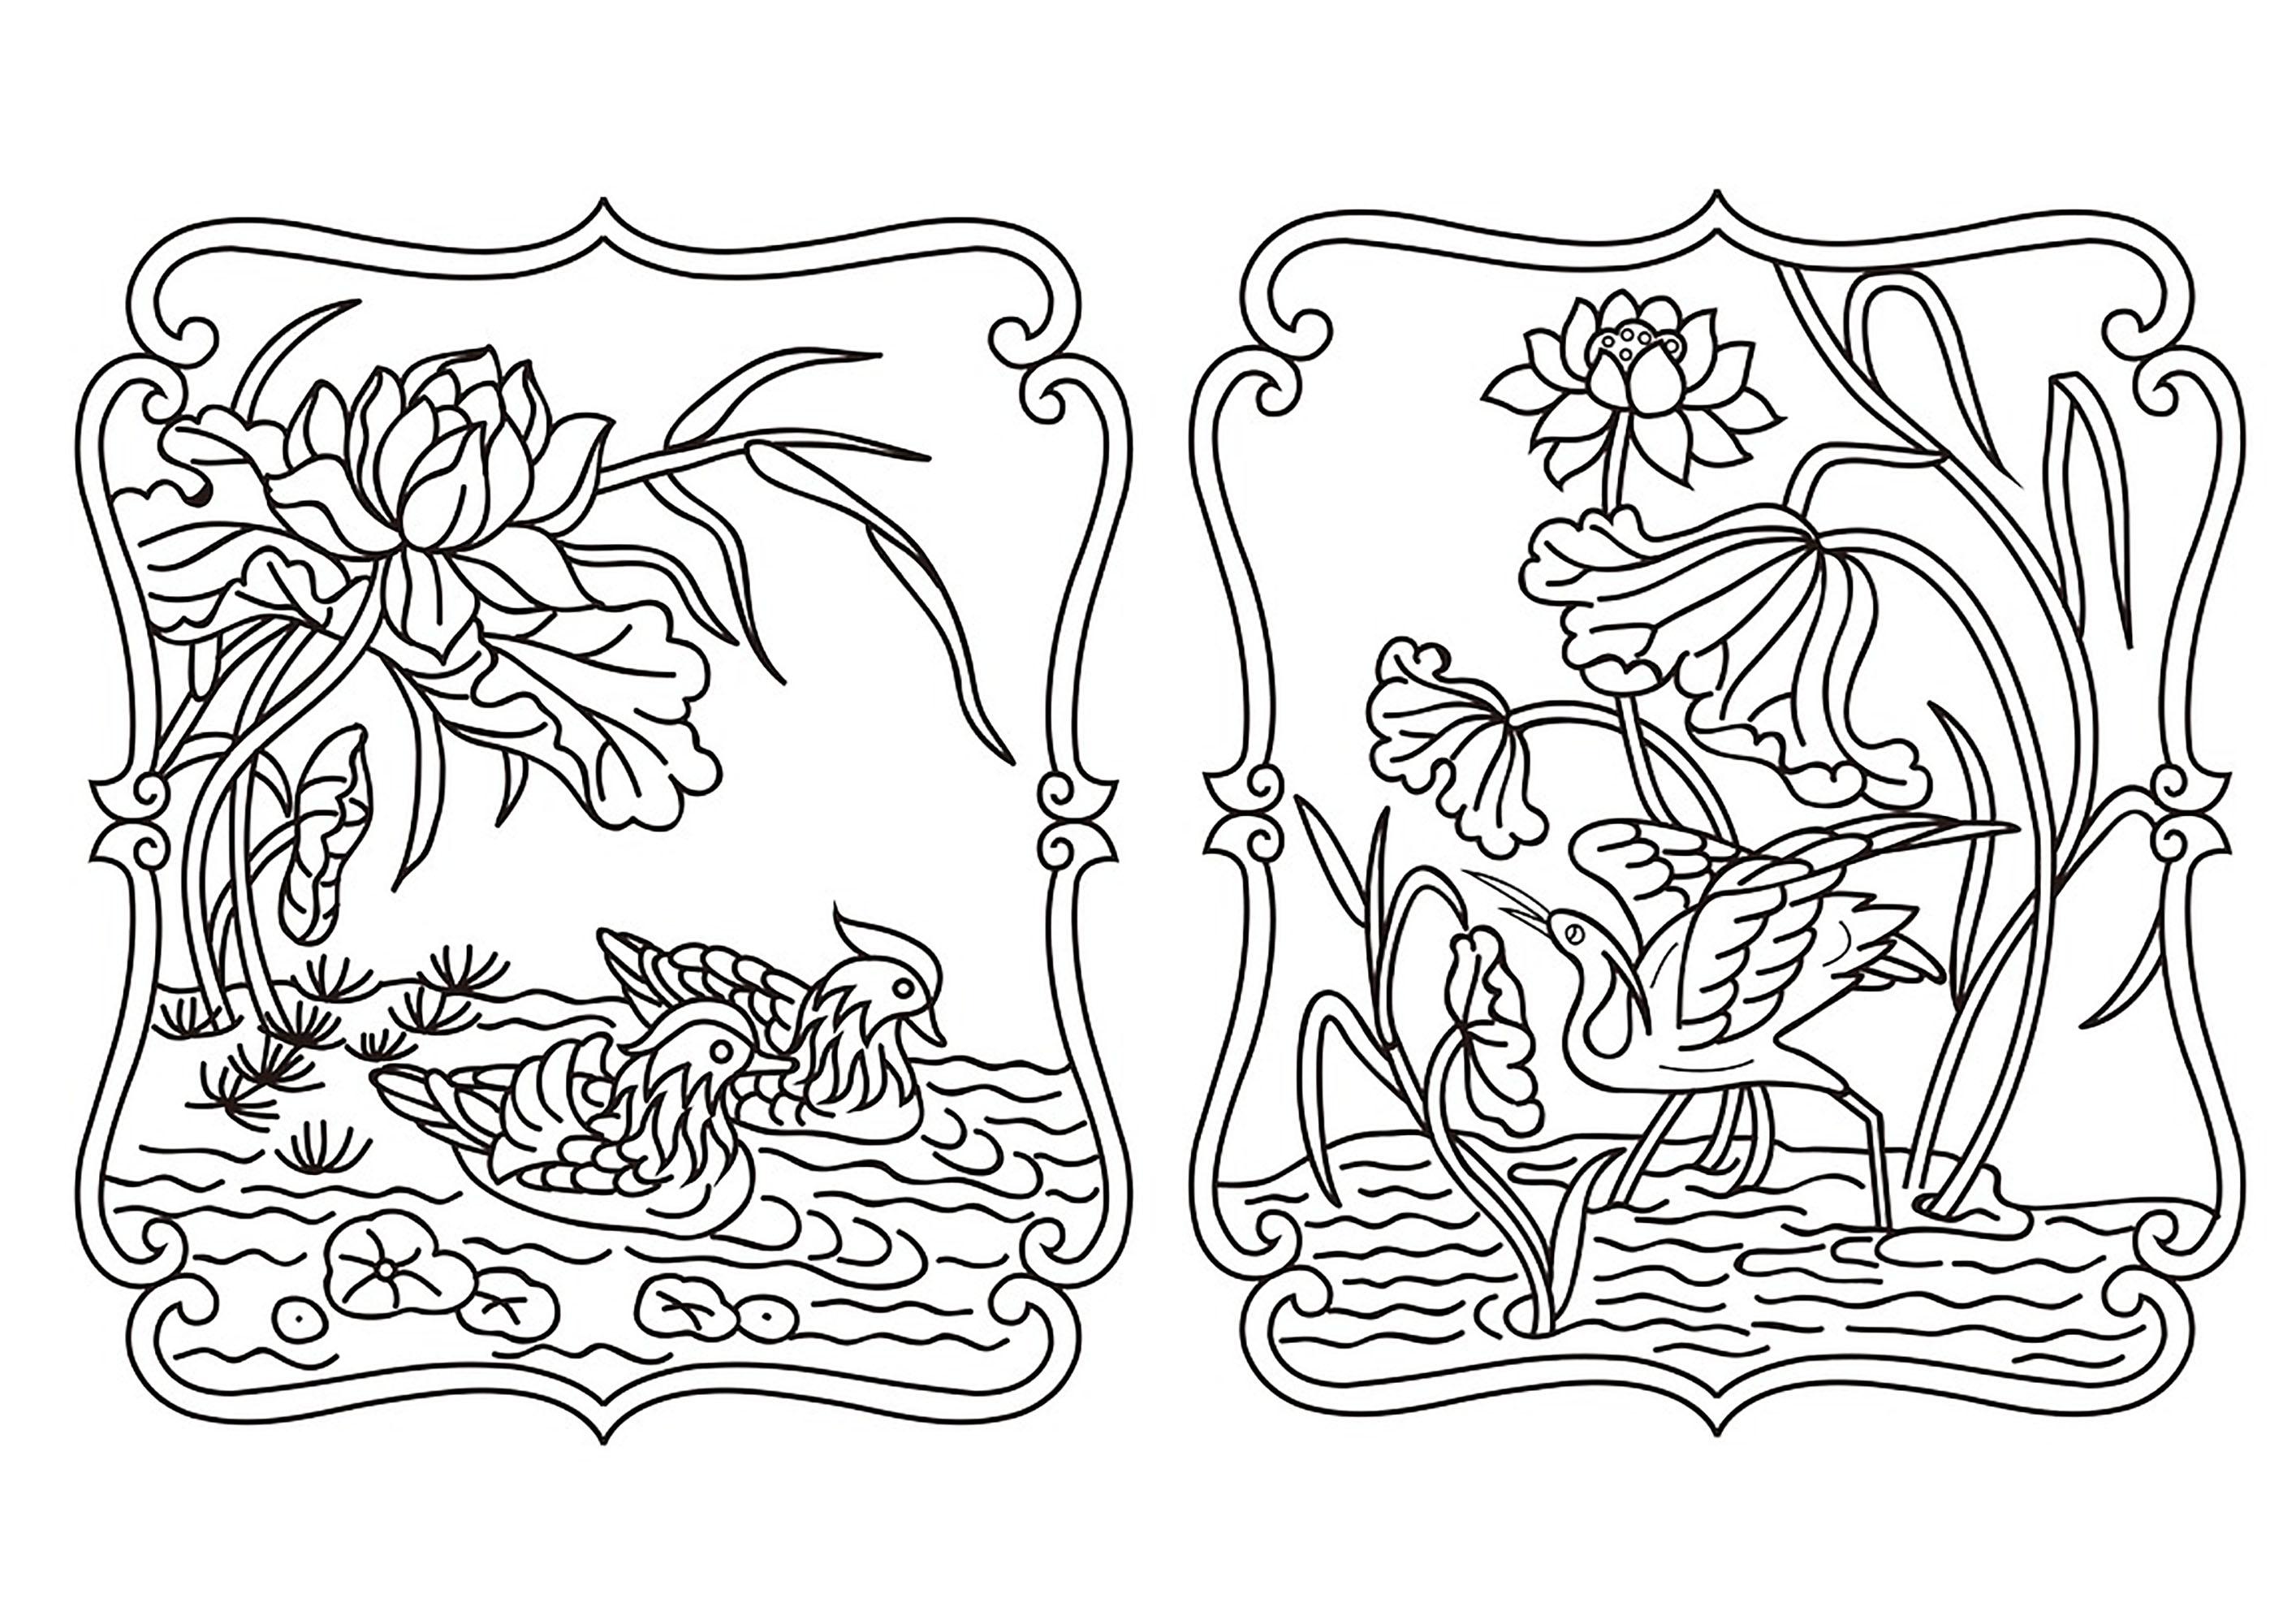 Joli dessin chinois avec des canards et un héron